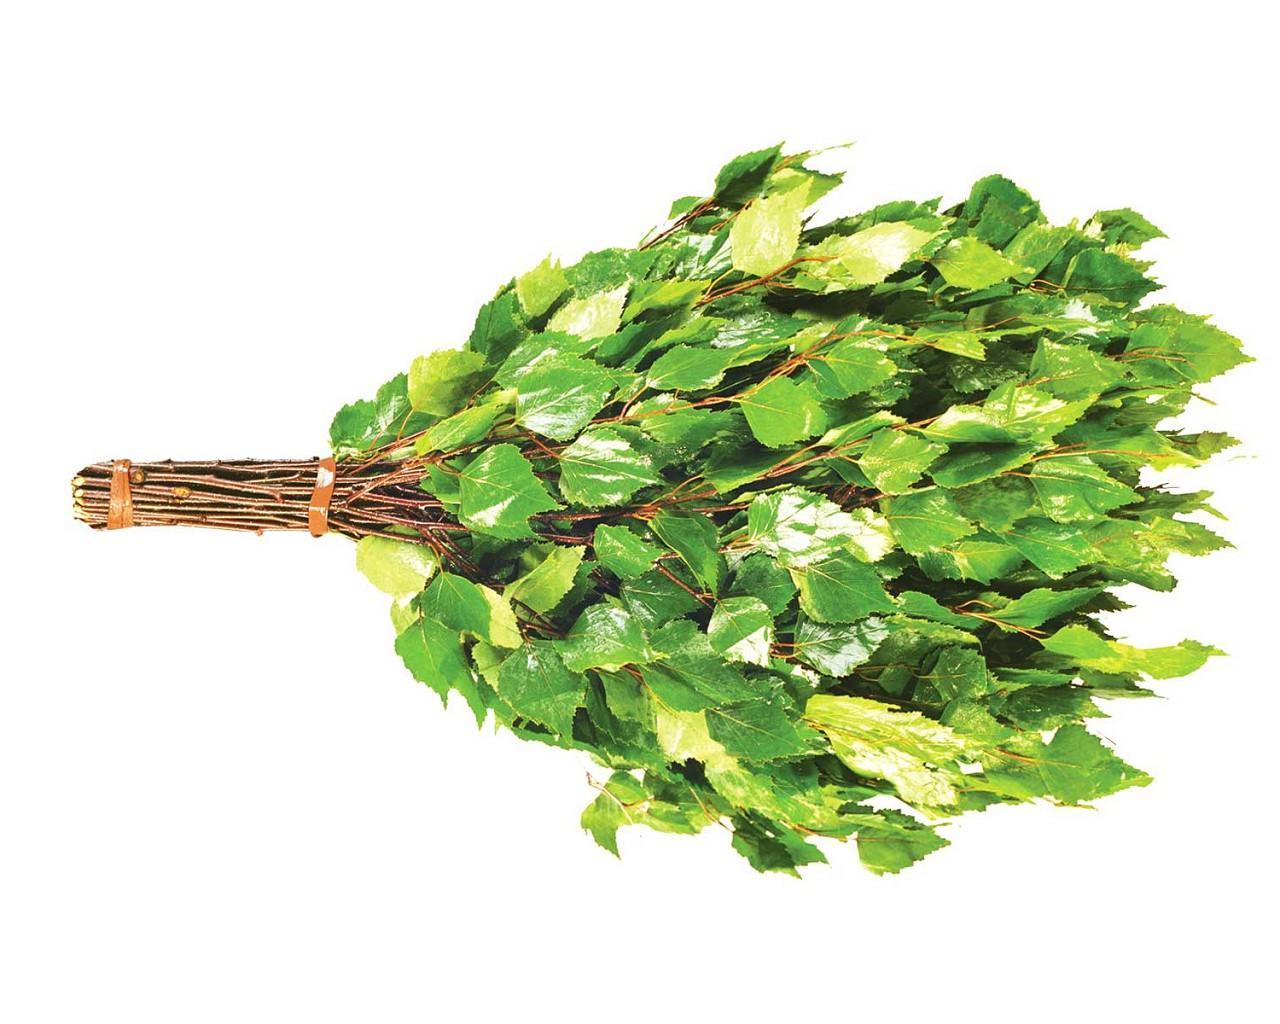 Заготовка дубовых веников для бани: сроки, как правильно резать и сушить изделие